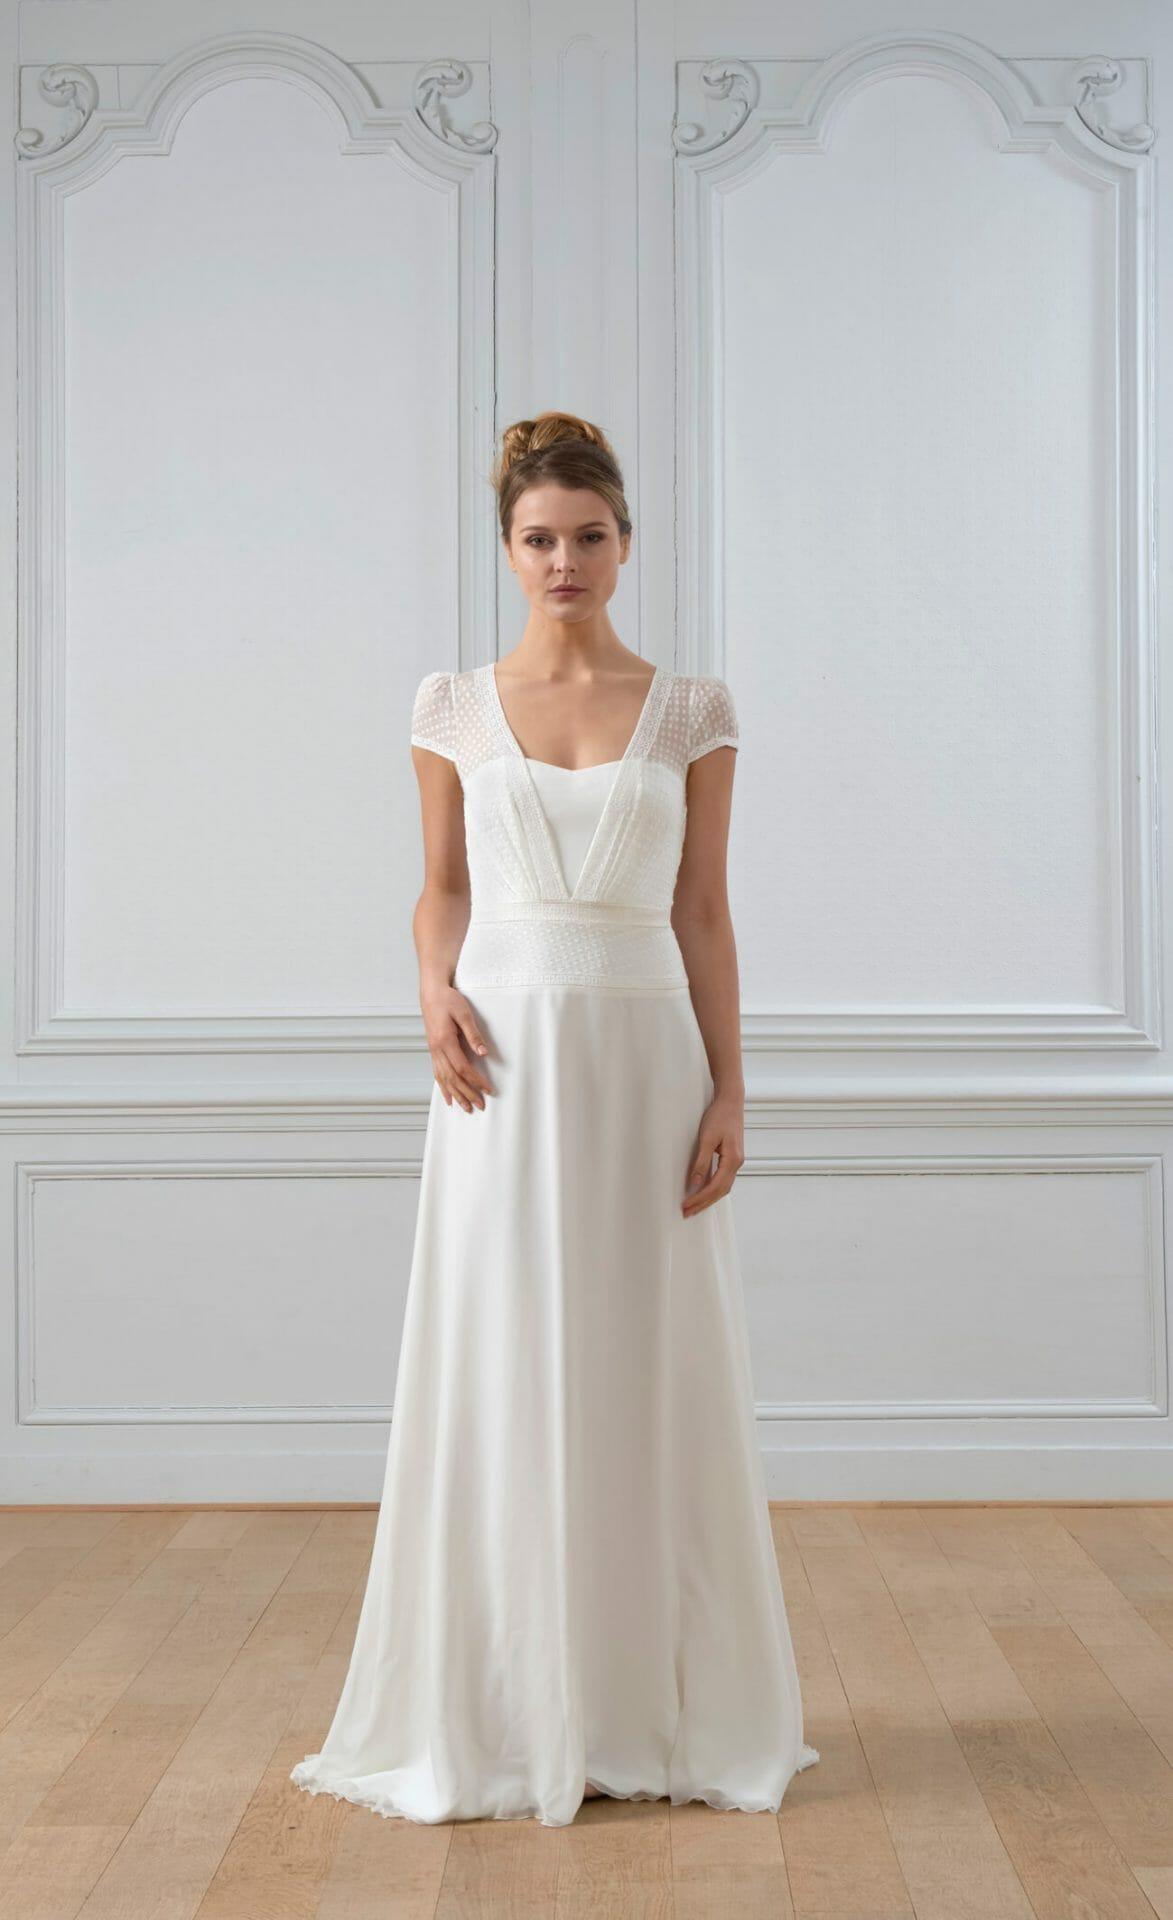 La robe de mariée Emmanuel, style vintage fabriquée en France par Lambert Créations pour Croquelune